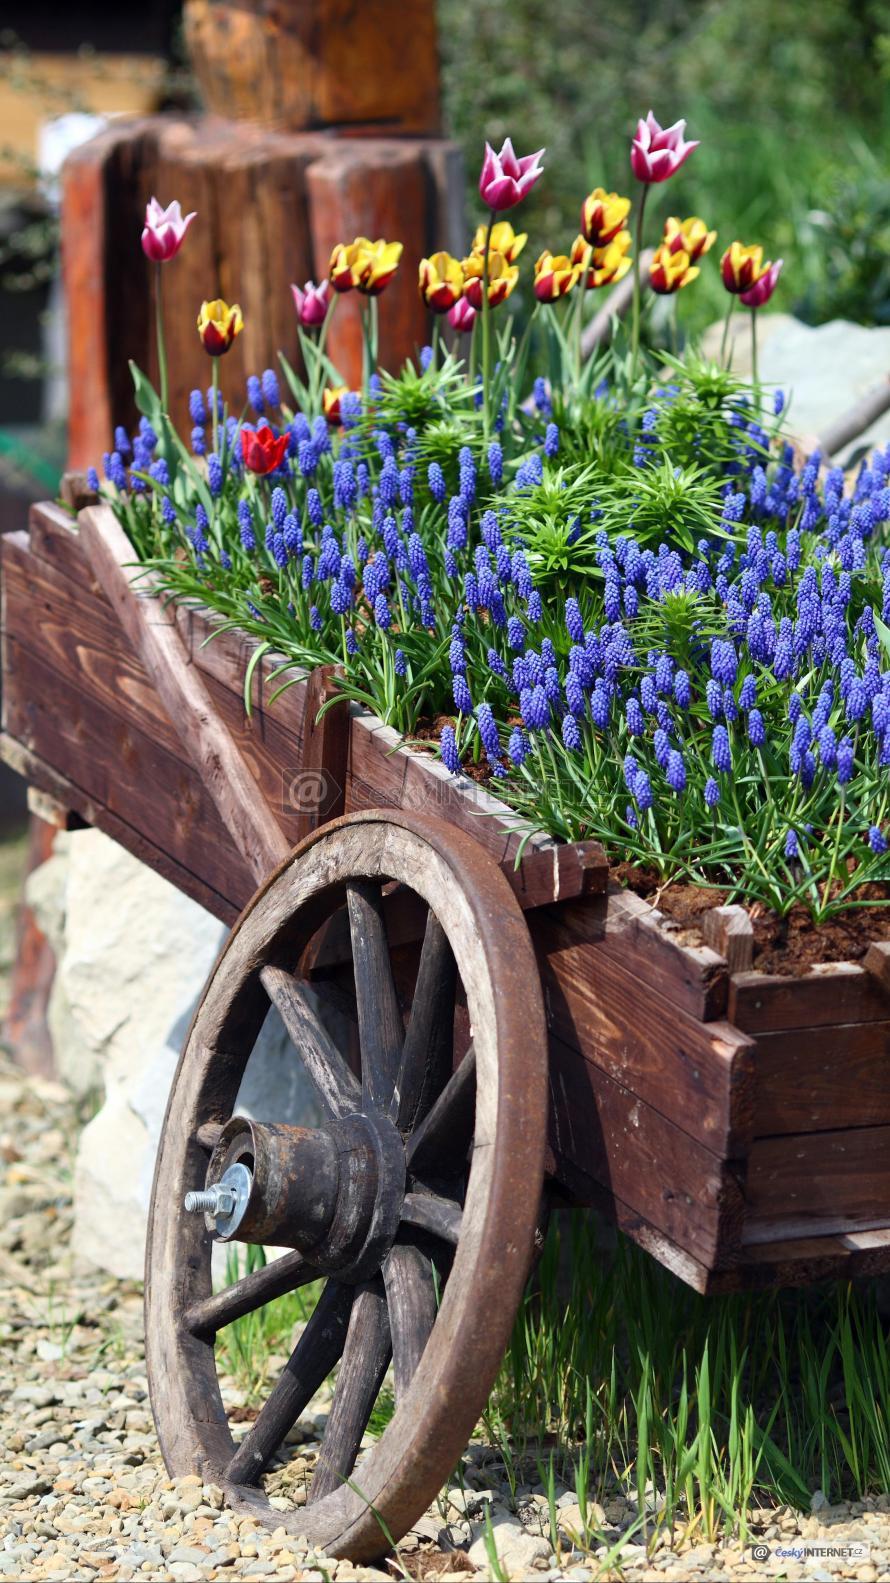 Rozkvetlé květiny v dřevěném kolečku.